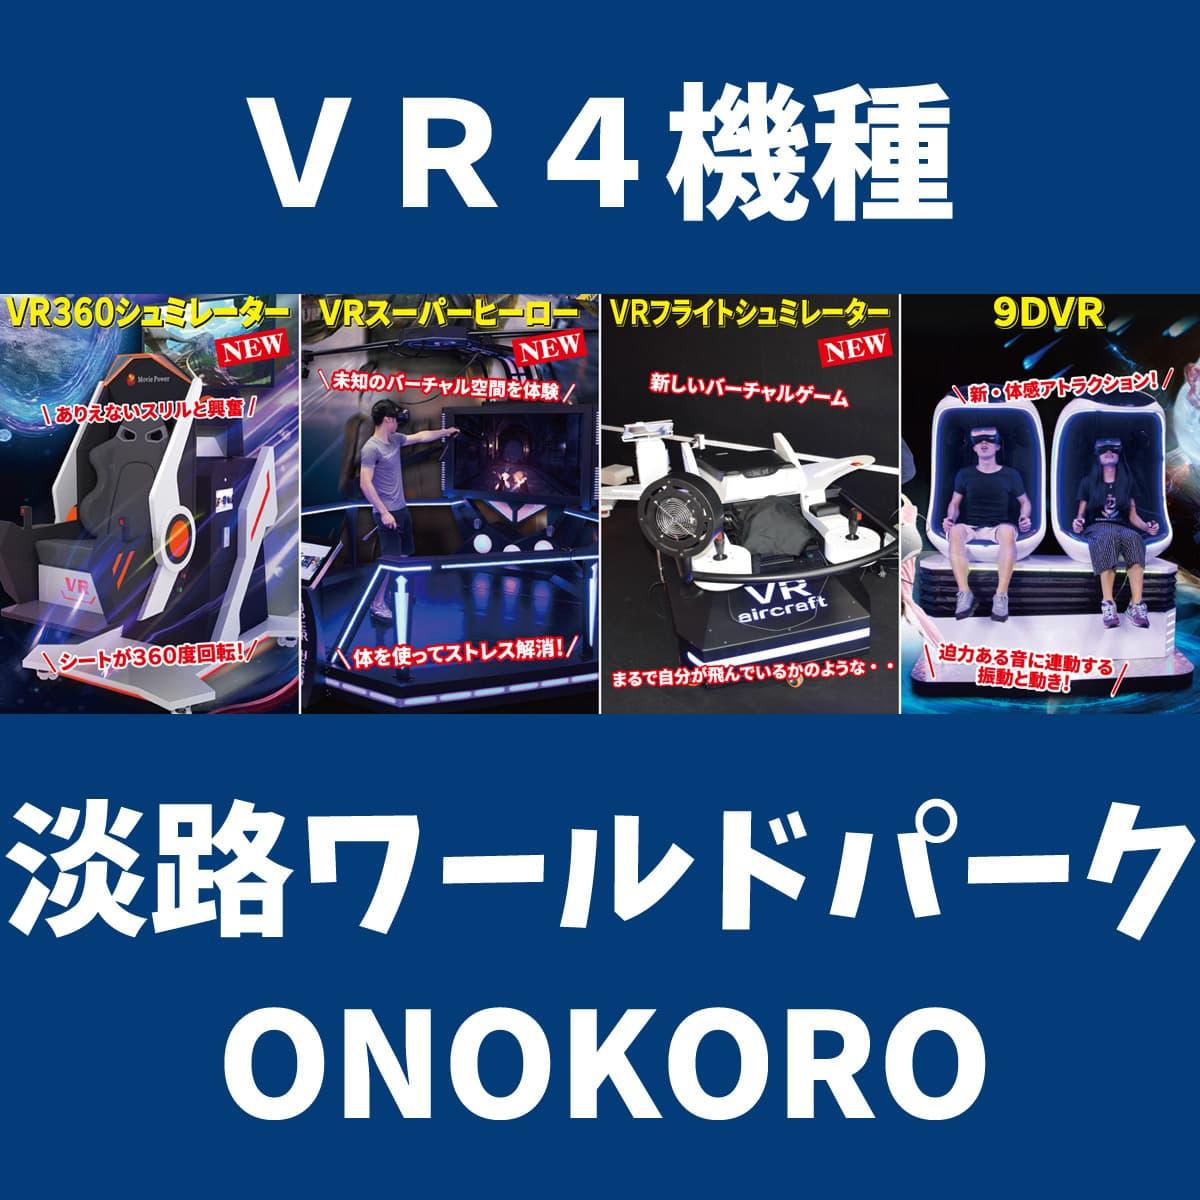 VR(バーチャルリアリティ)淡路ワールドパークONOKORO